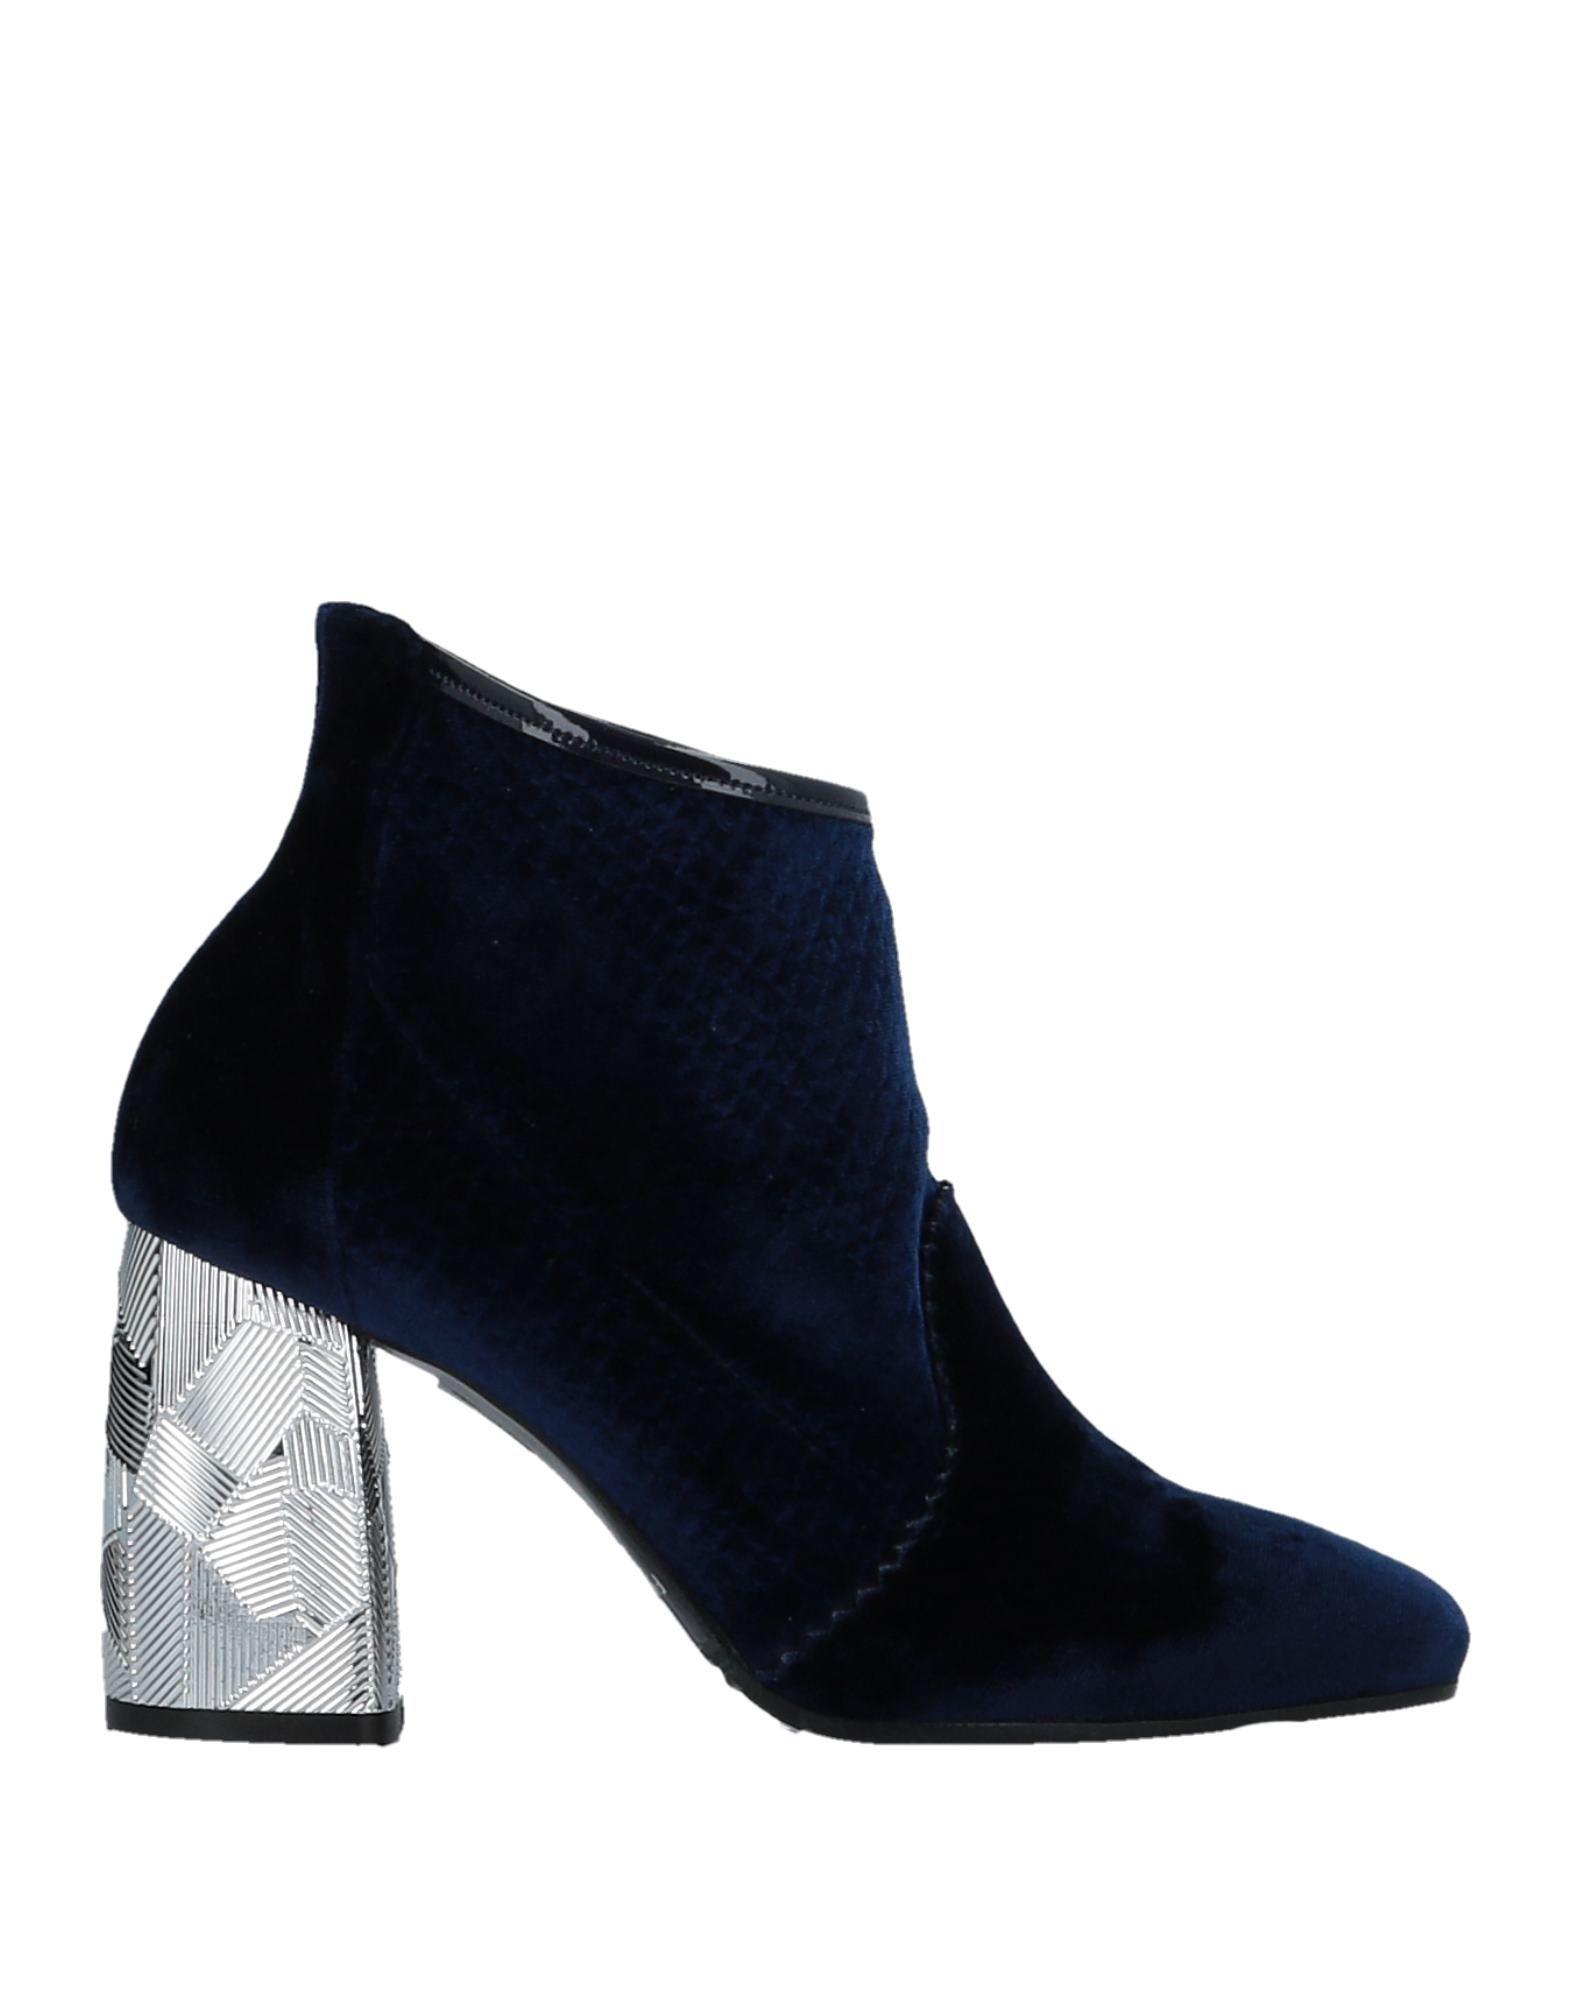 Bottine Fiorangelo Femme - Bottines Fiorangelo Noir Confortable et belle